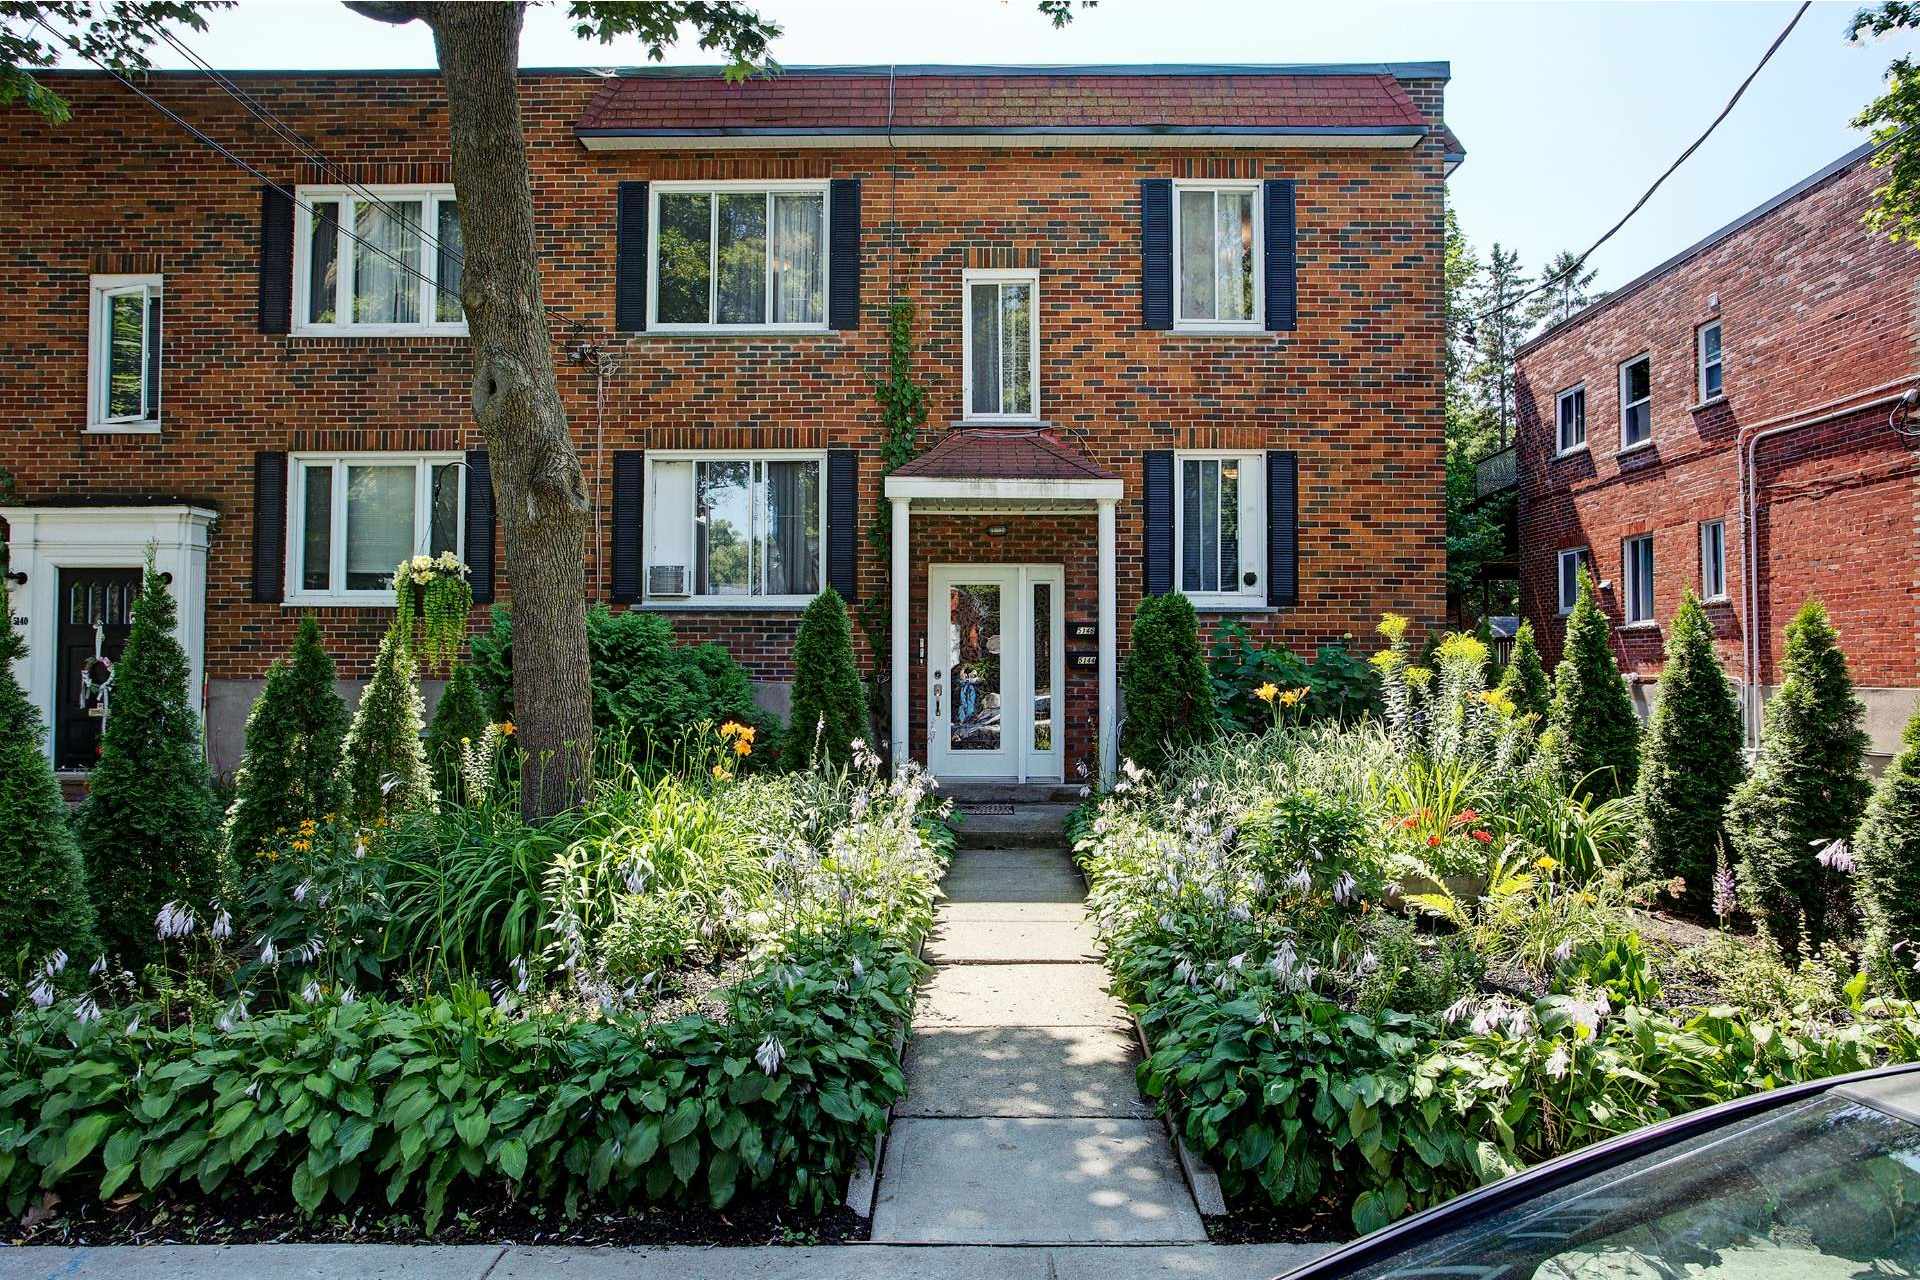 image 0 - Duplex En venta Montréal Côte-des-Neiges/Notre-Dame-de-Grâce  - 5 habitaciones